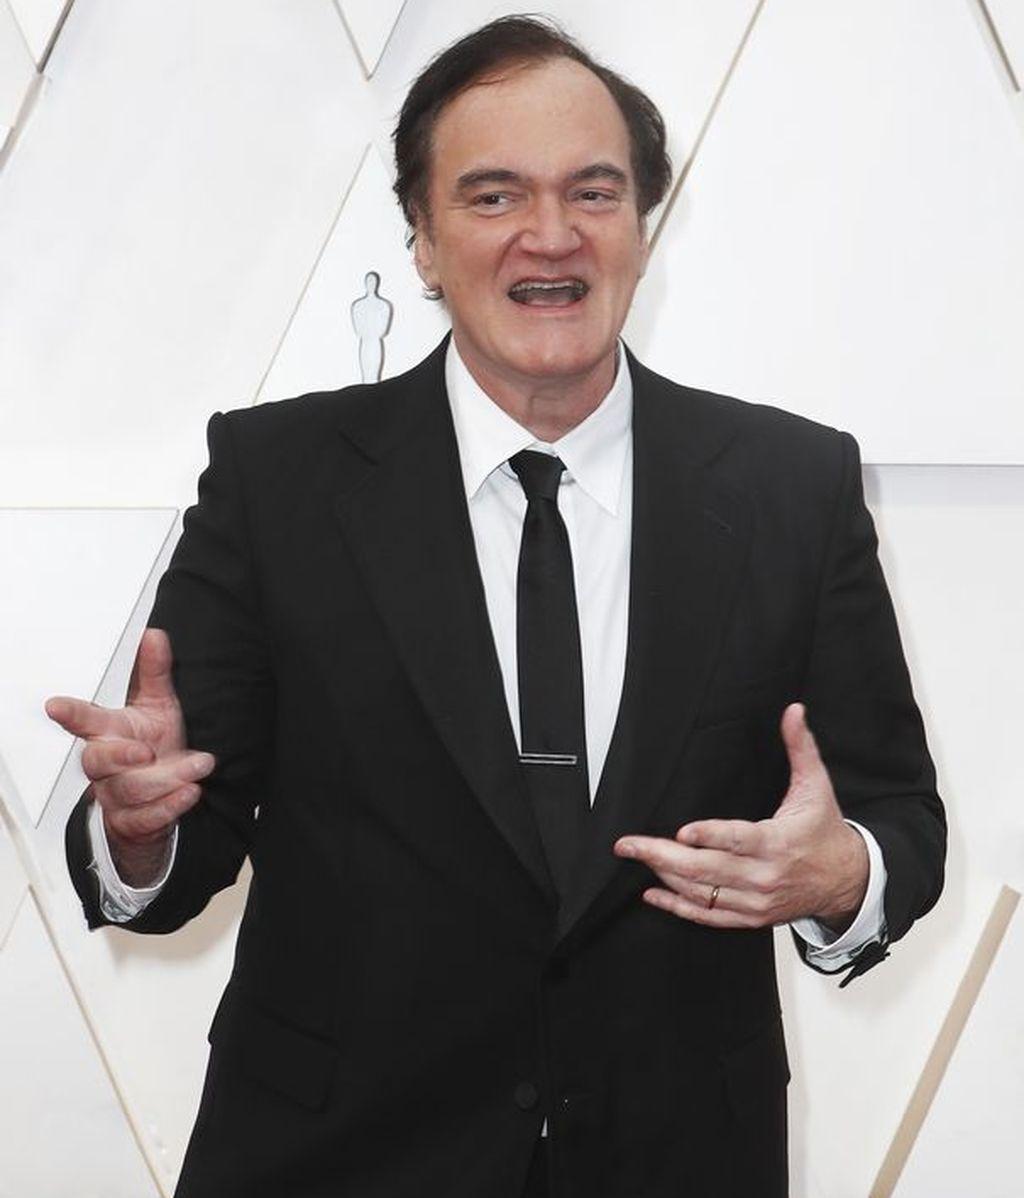 Quentin Tarantino posa en la alfombra roja de los Premios Óscar 2020